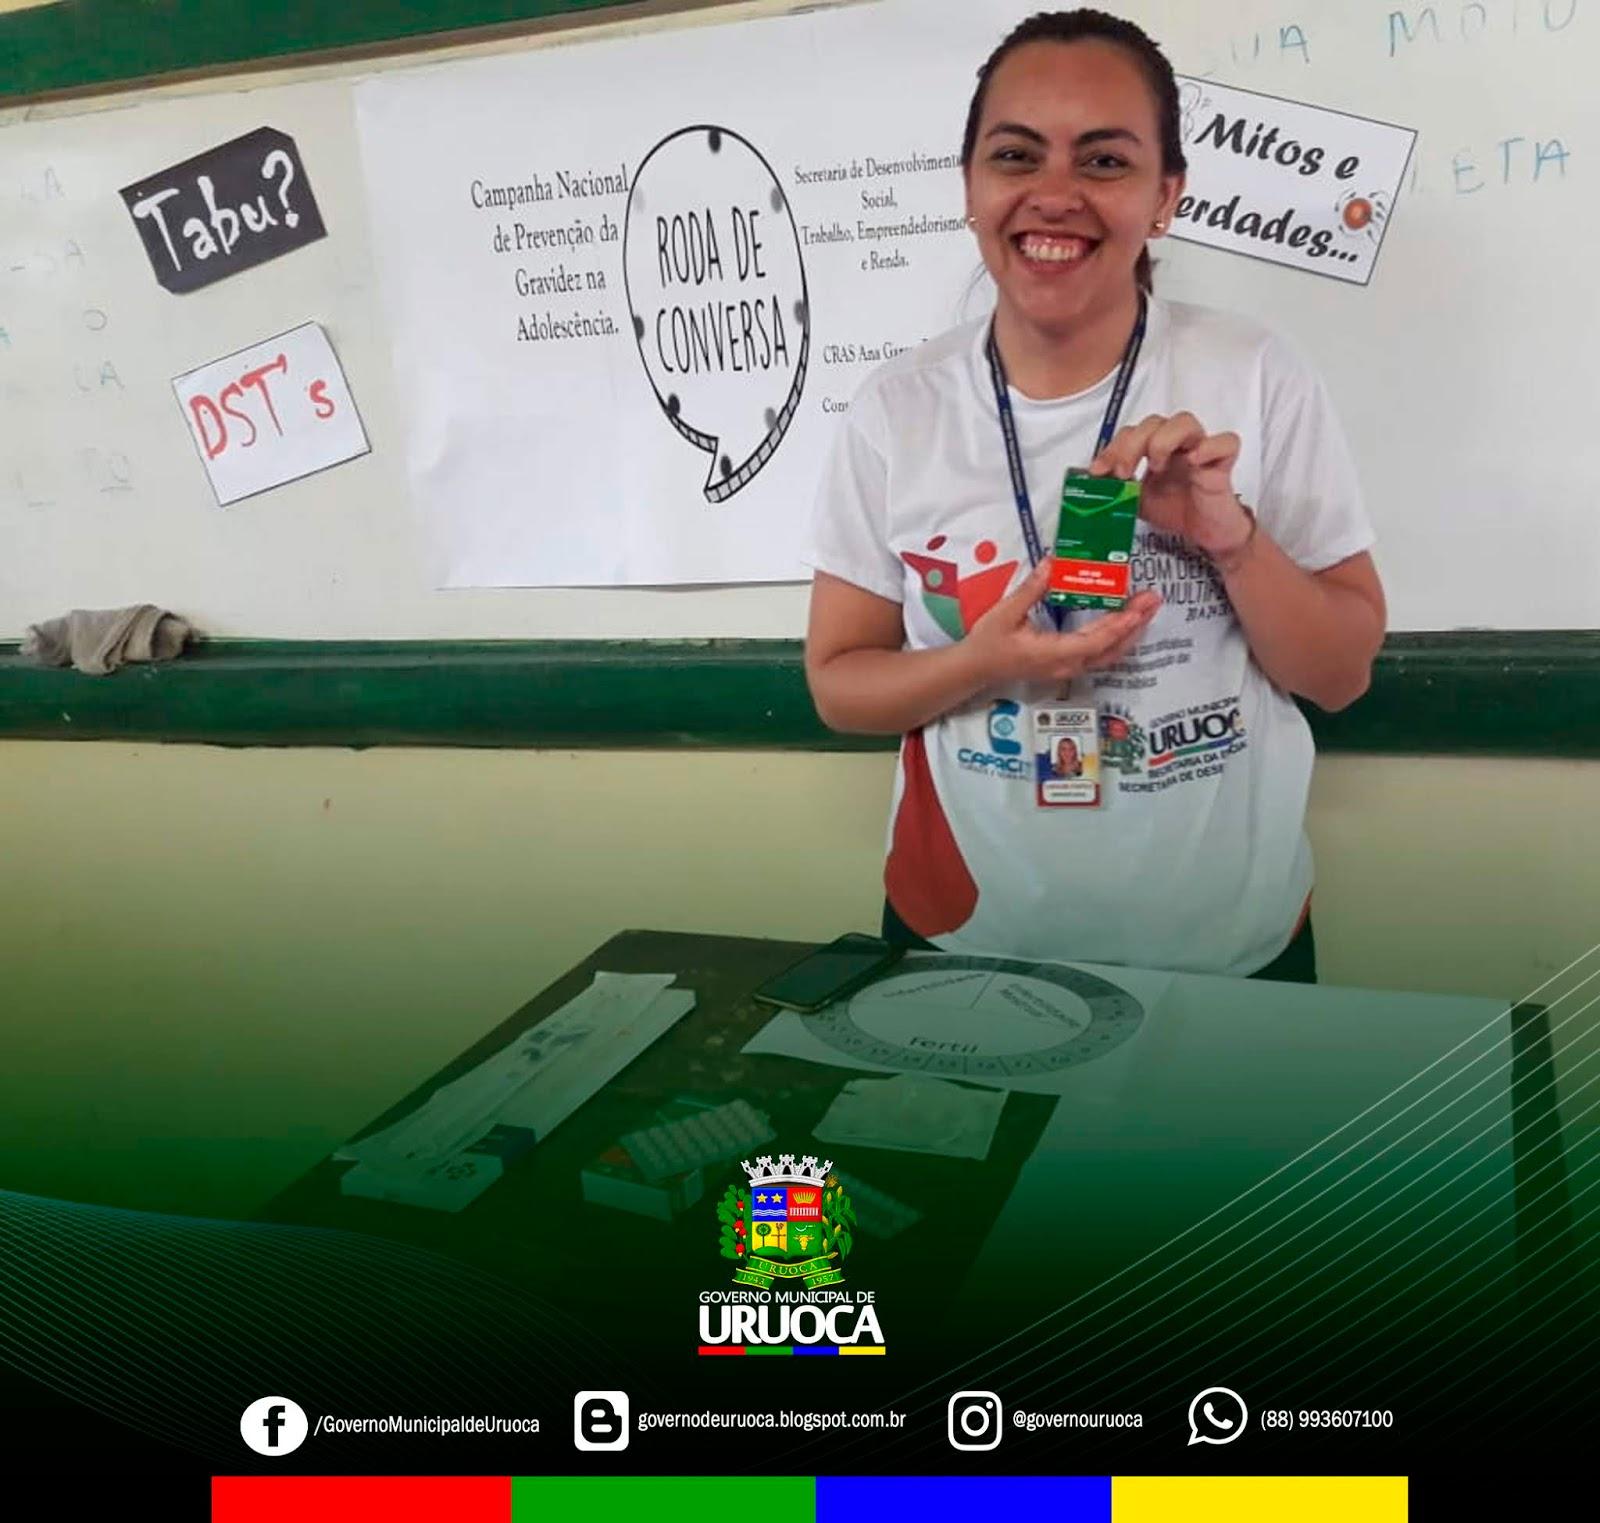 MOBILIZAÇÃO EM ALUSÃO A CAMPANHA DA SEMANA NACIONAL DE PREVENÇÃO DA GRAVIDEZ NA ADOLESCÊNCIA